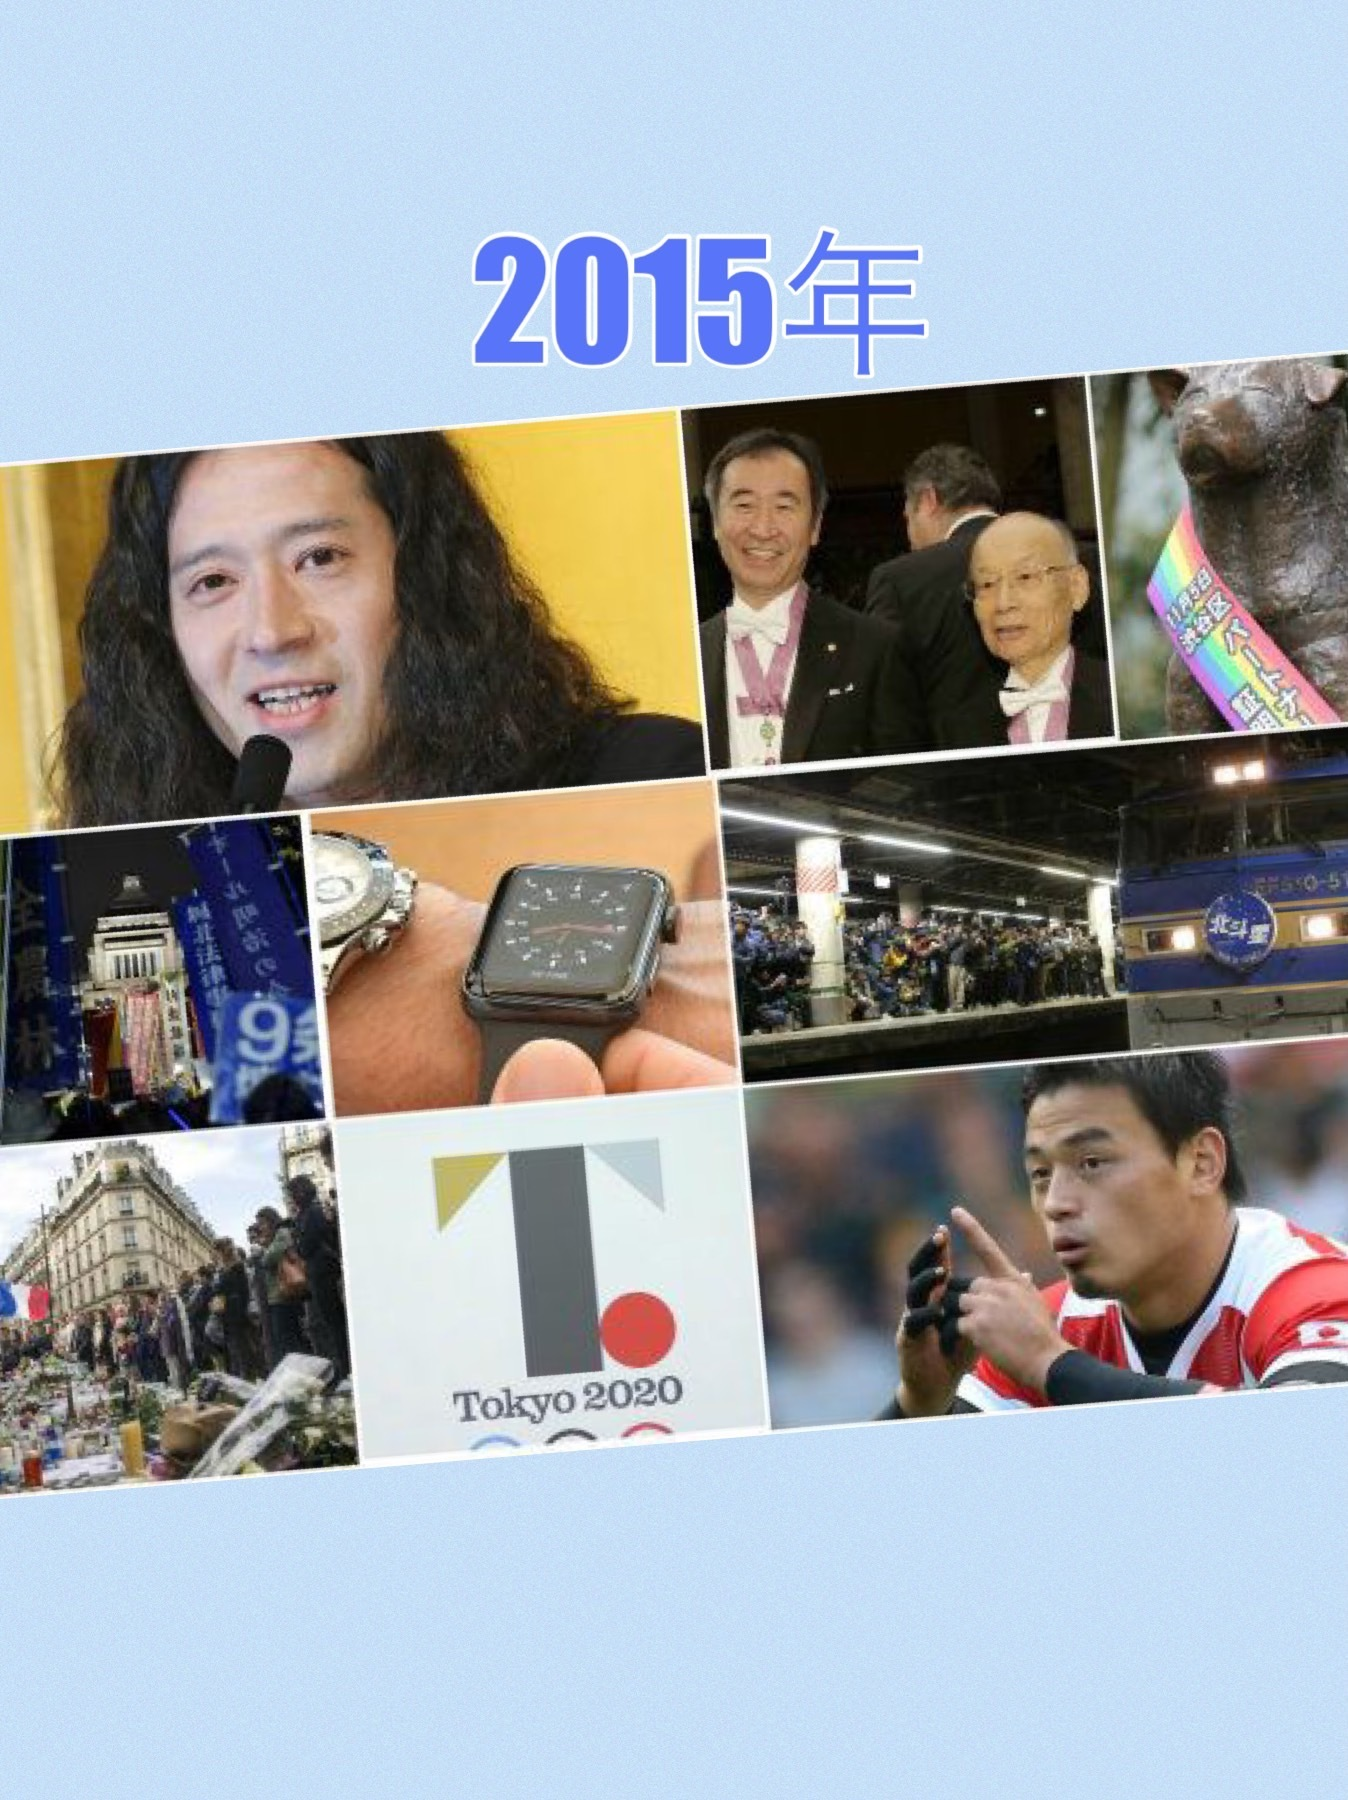 2015年の出来事